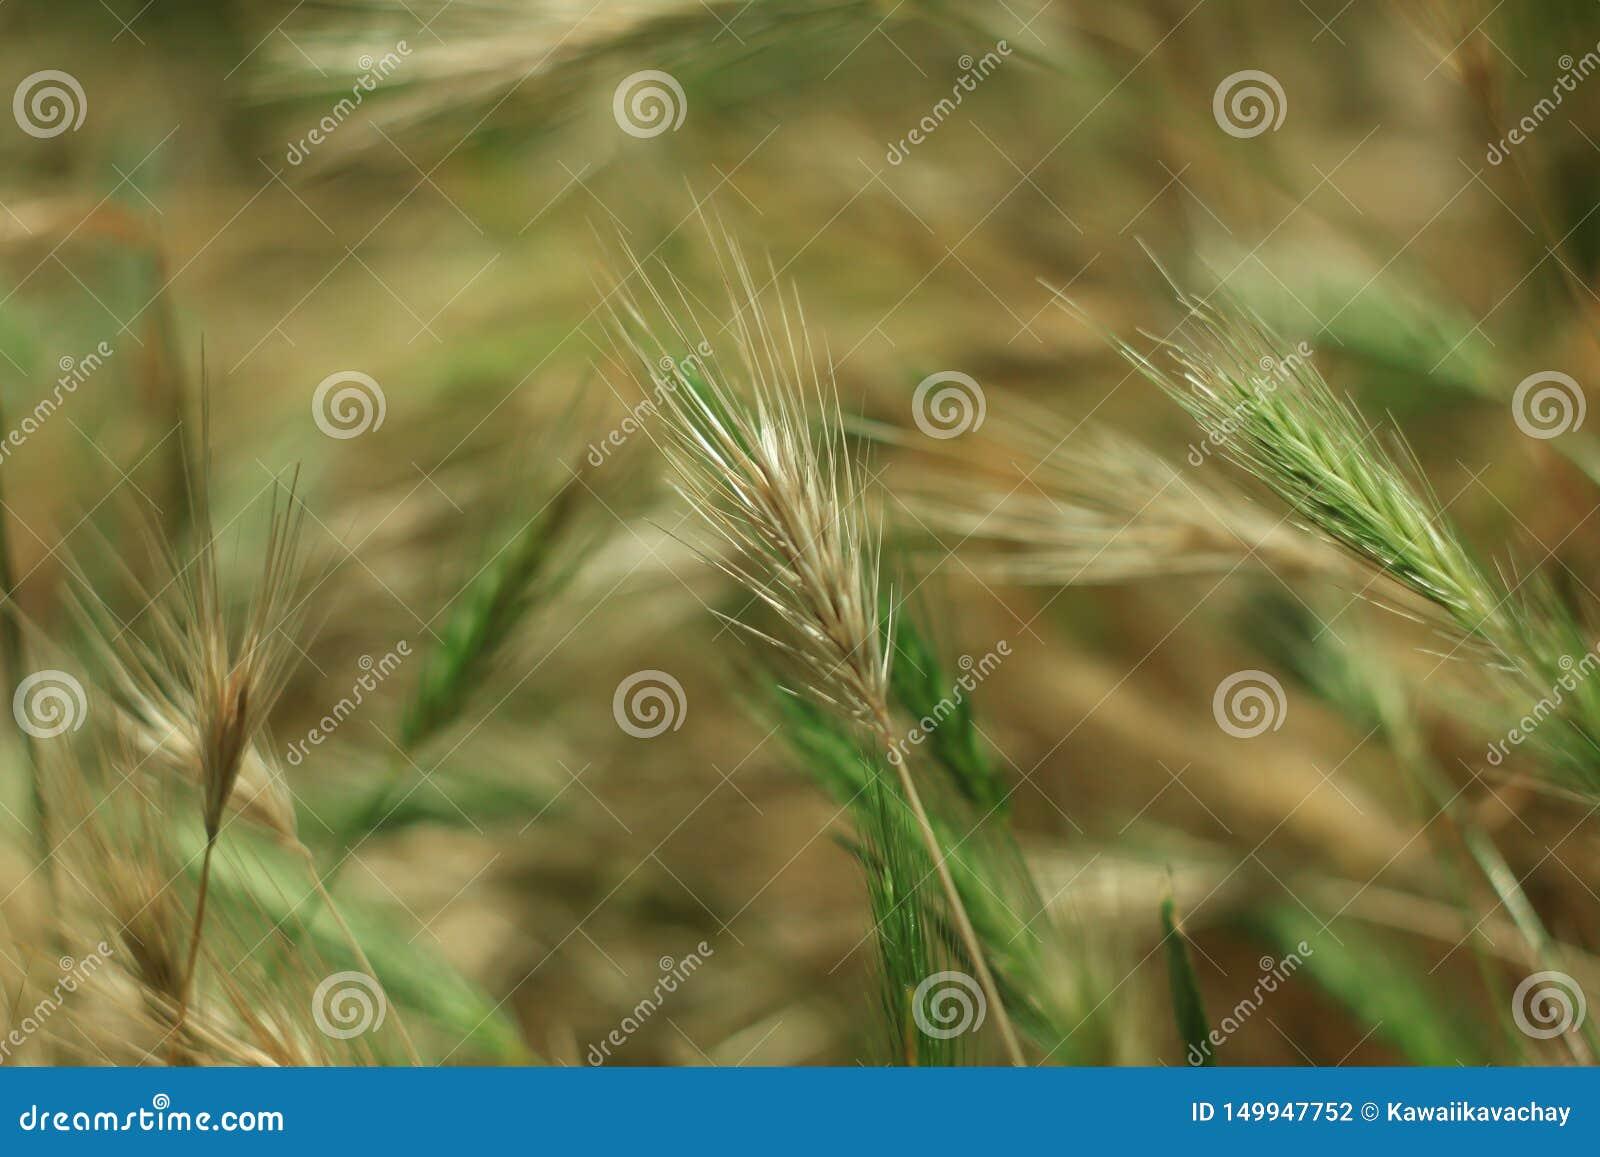 E Groen gras met gouden en pluizige oren, aard